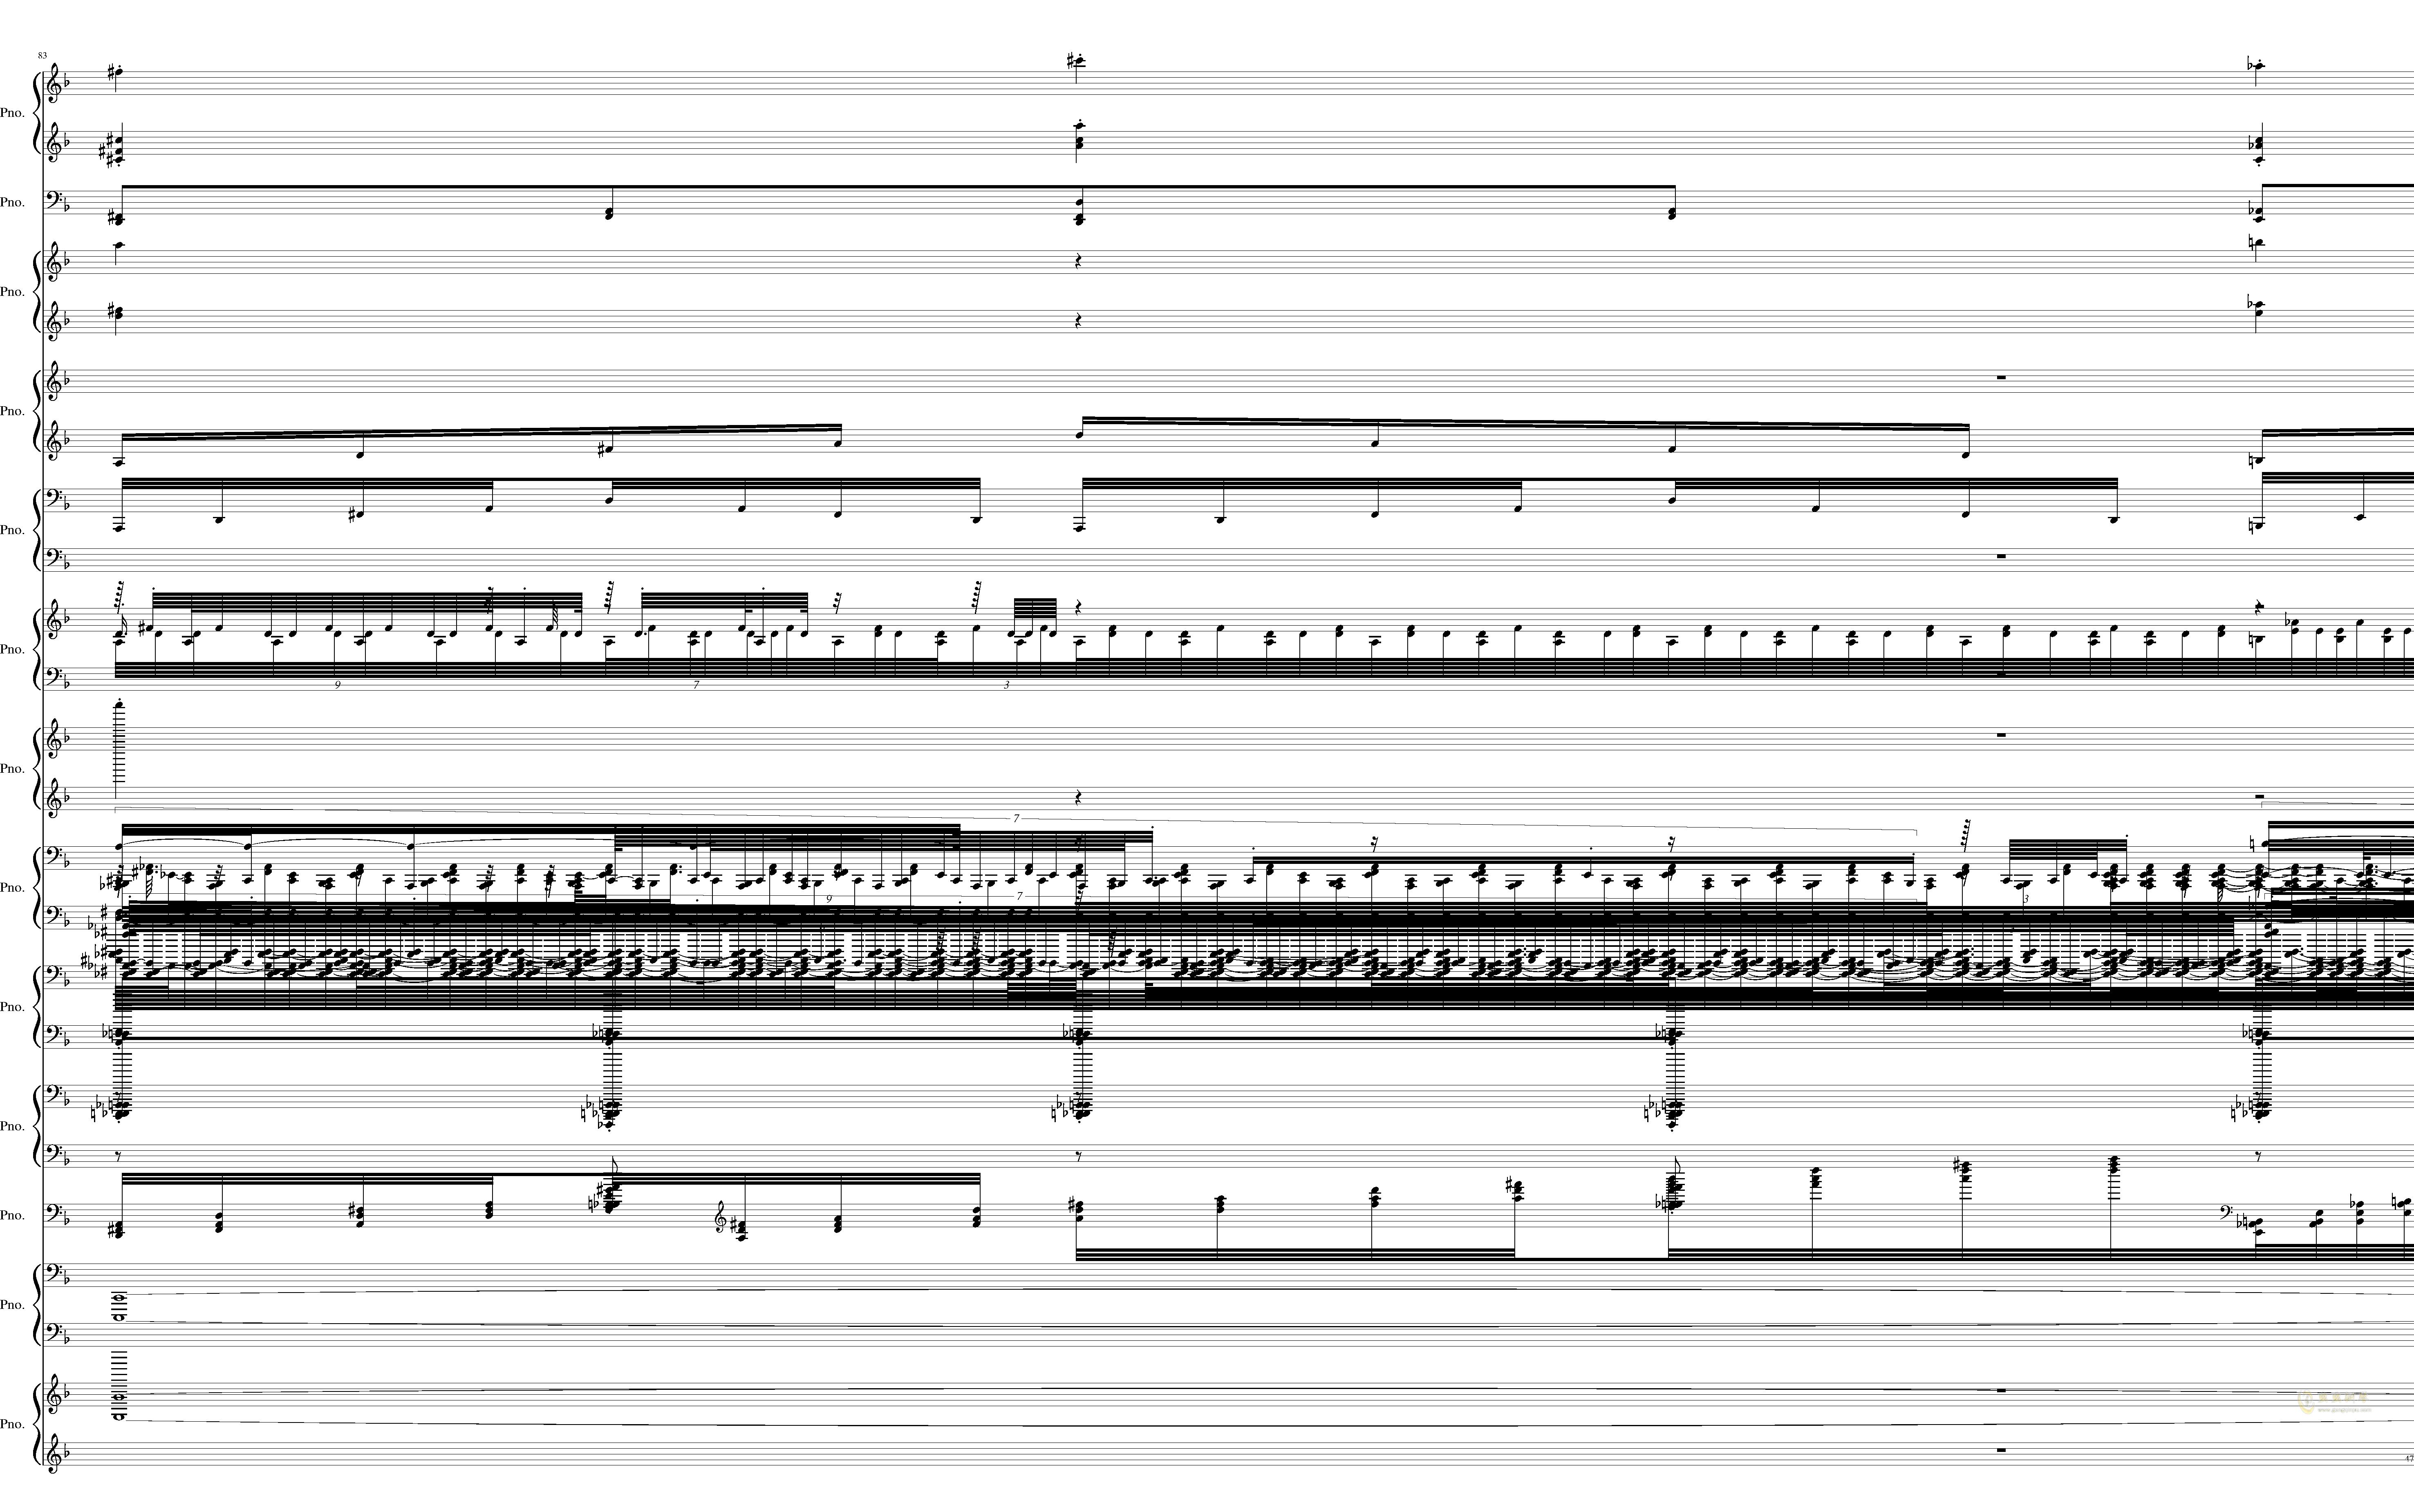 U.N. Owen was Her钢琴谱 第47页